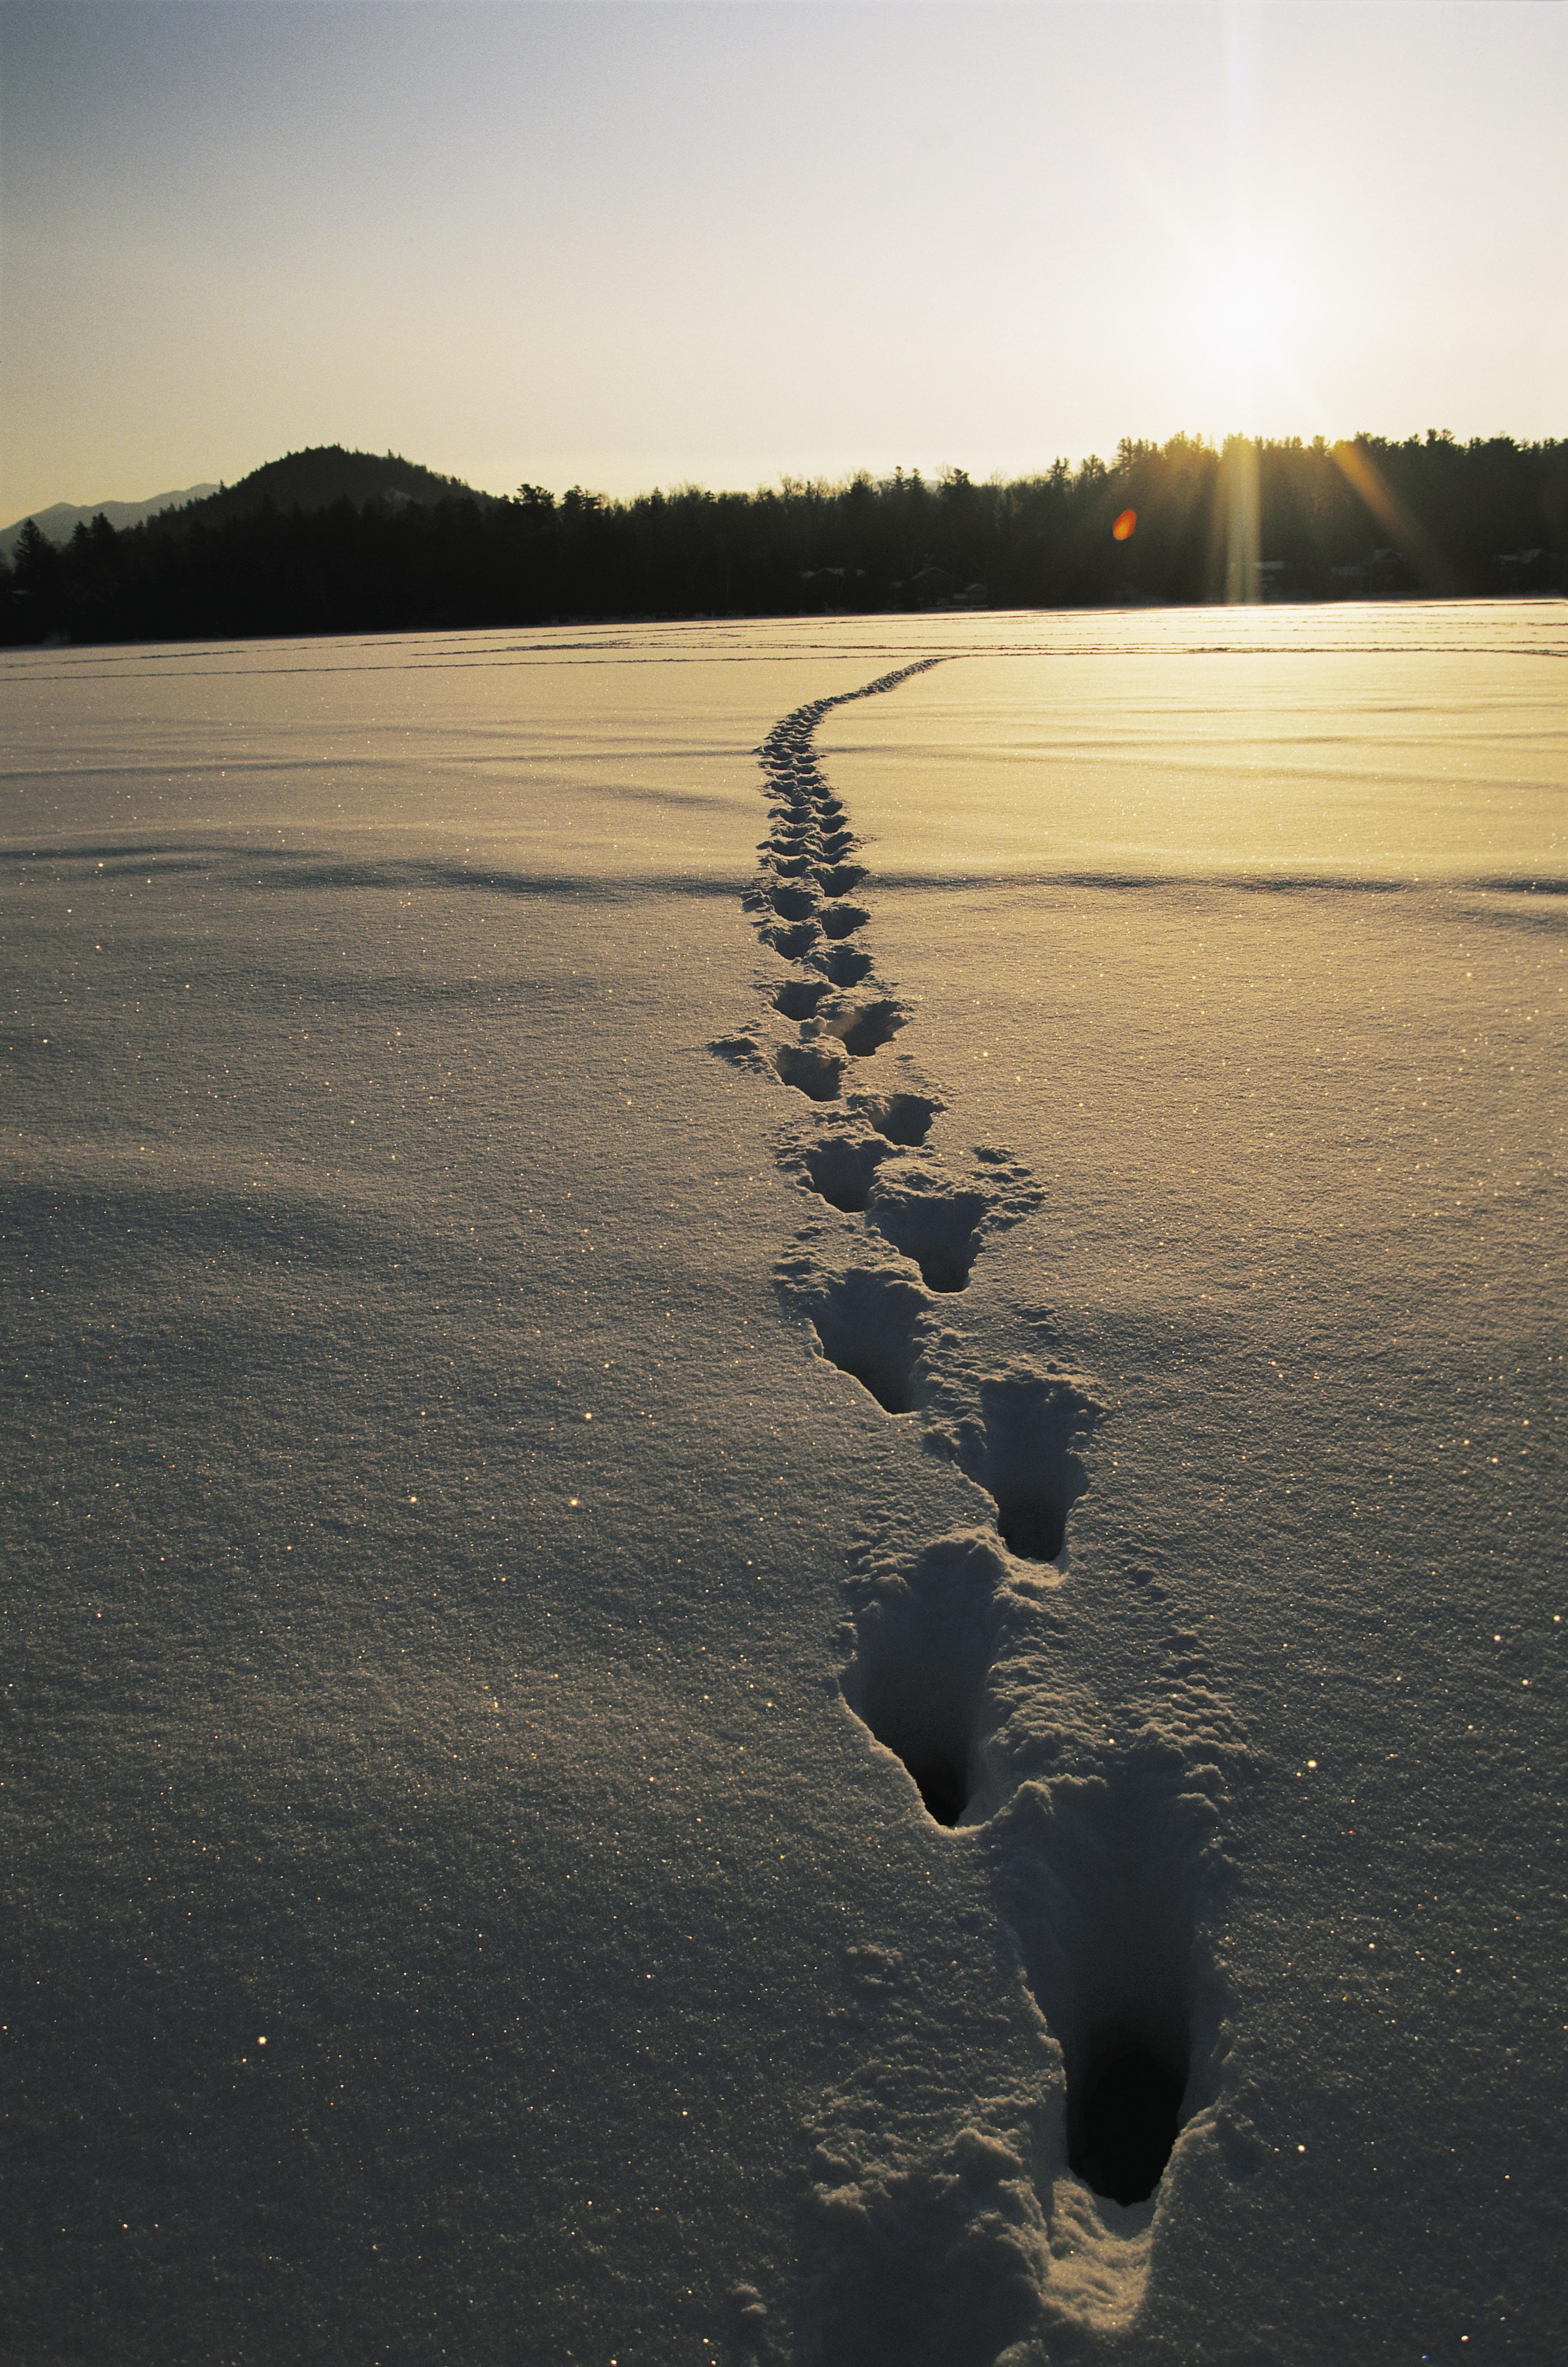 административно-территориальная фото следов человека на снегу место